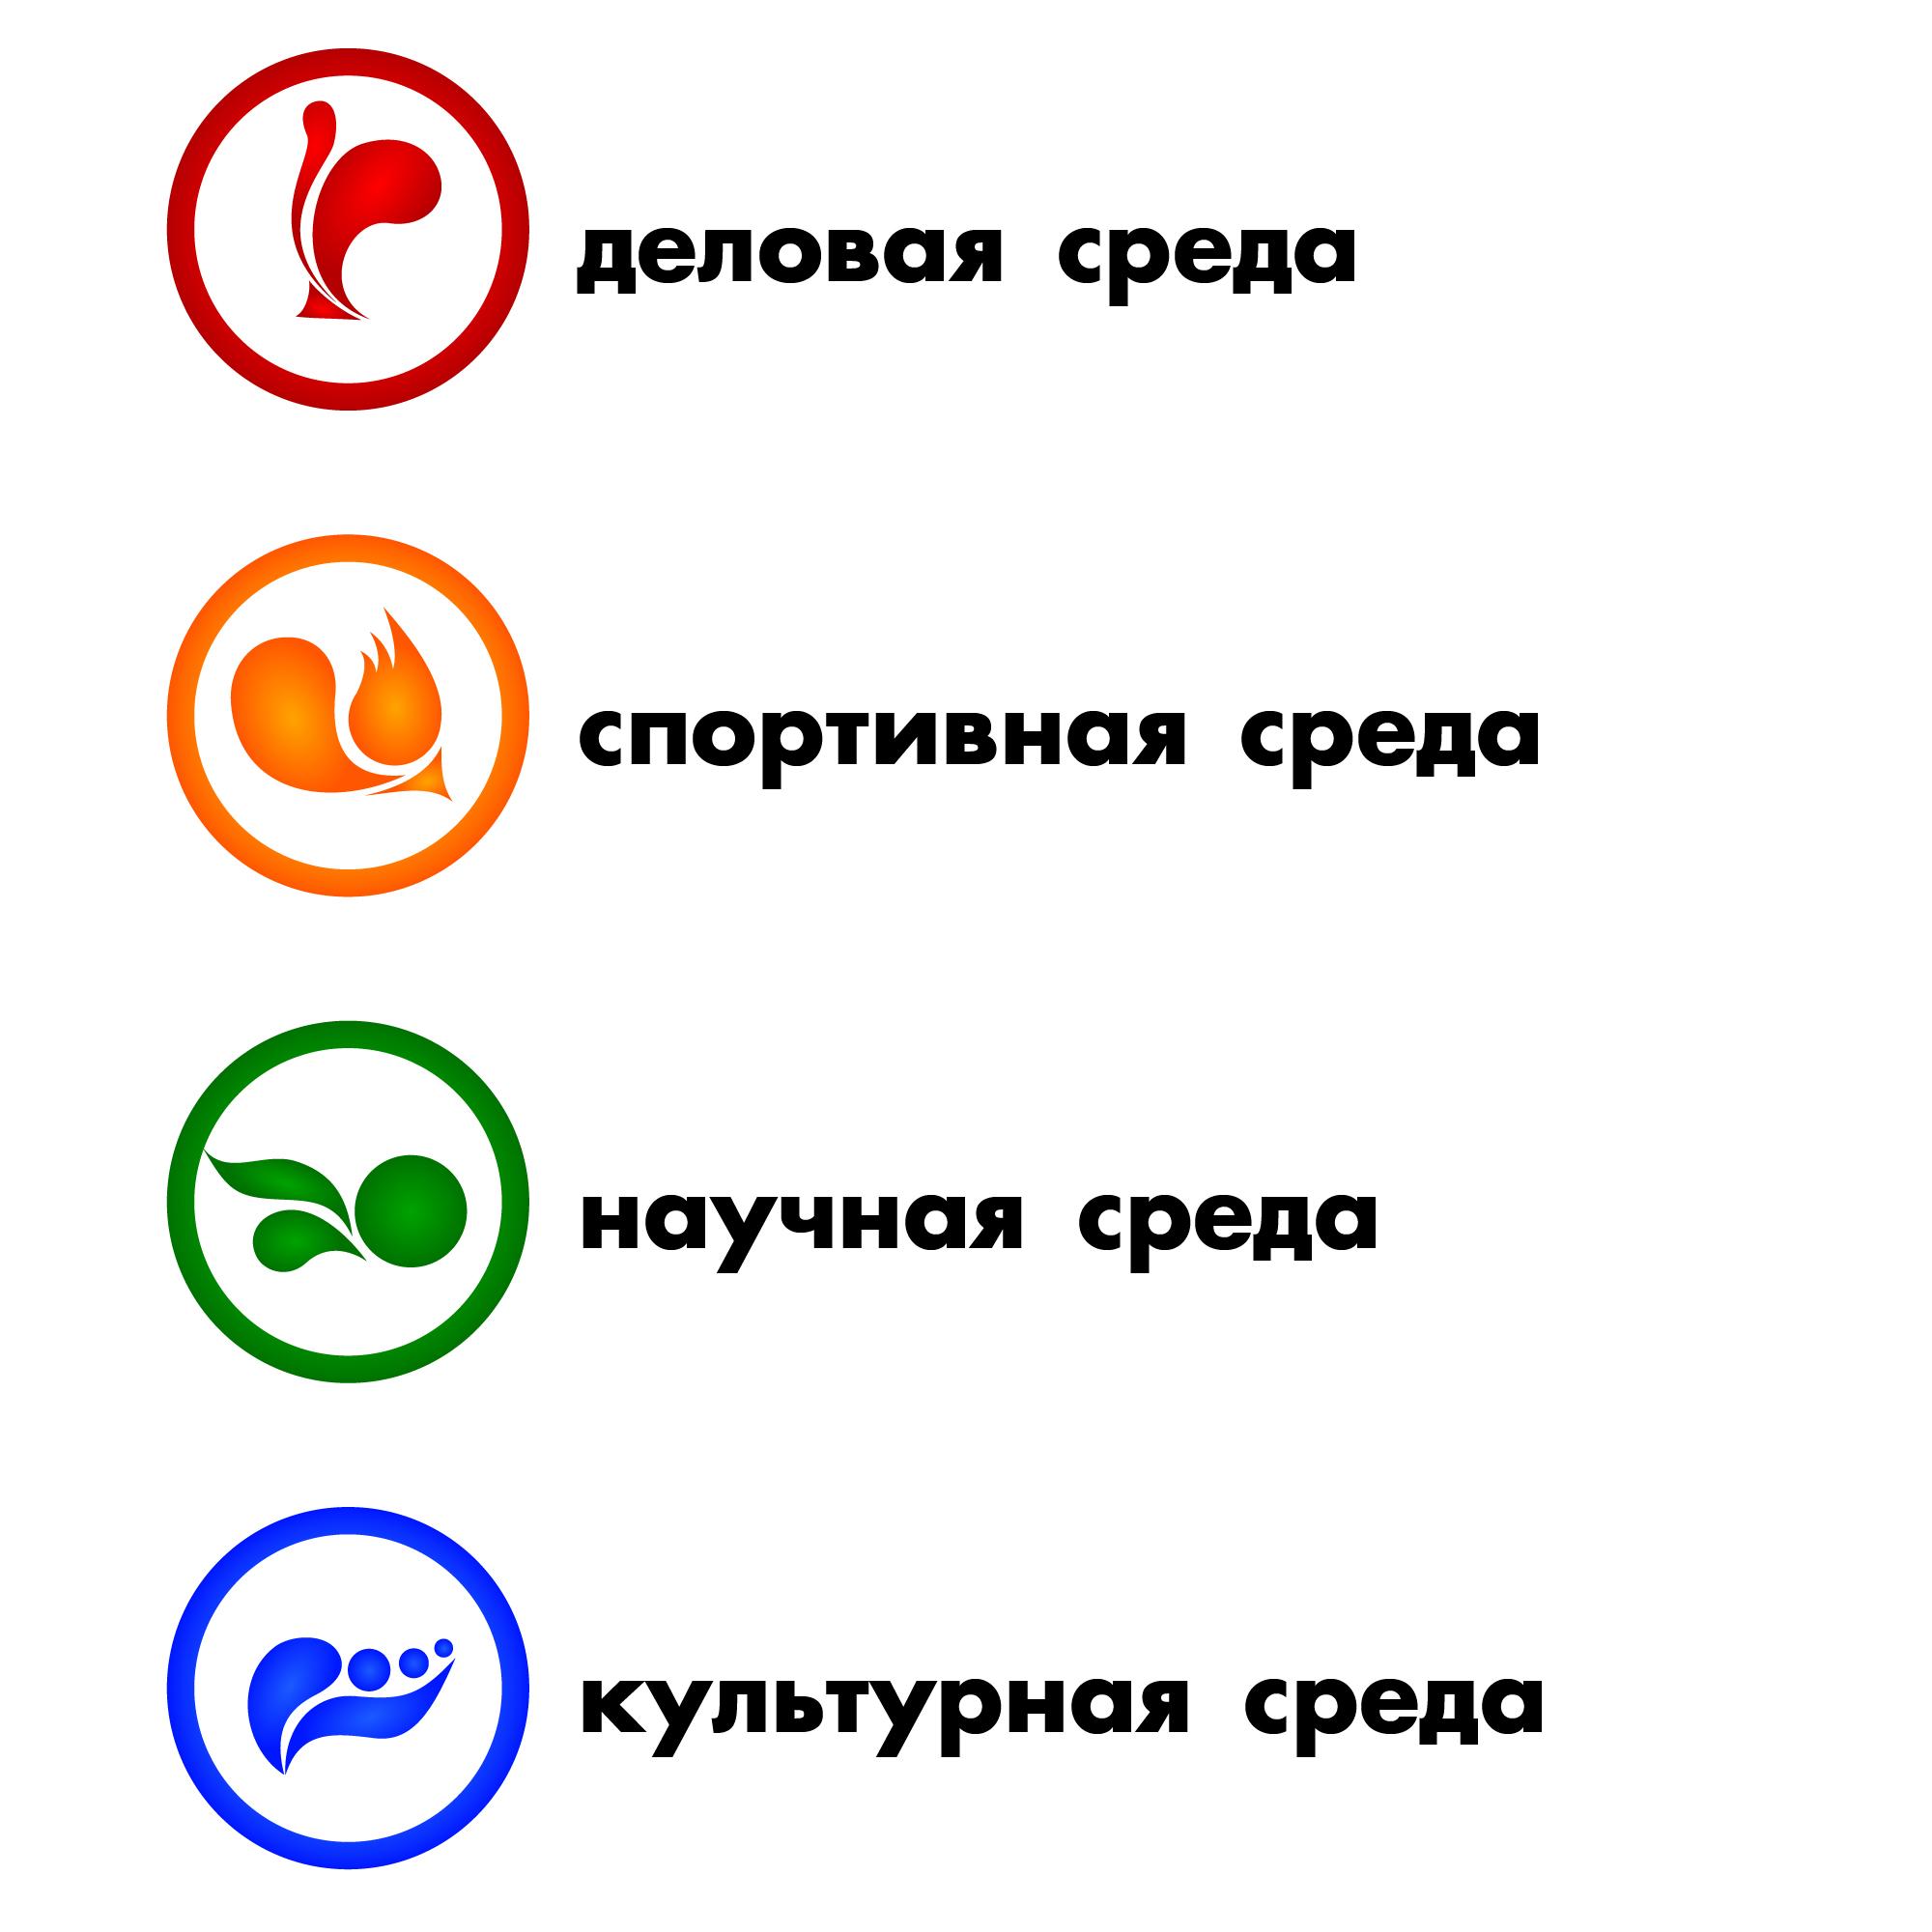 Разработка логотипа для творческого портала фото f_4525b574939b9e19.jpg